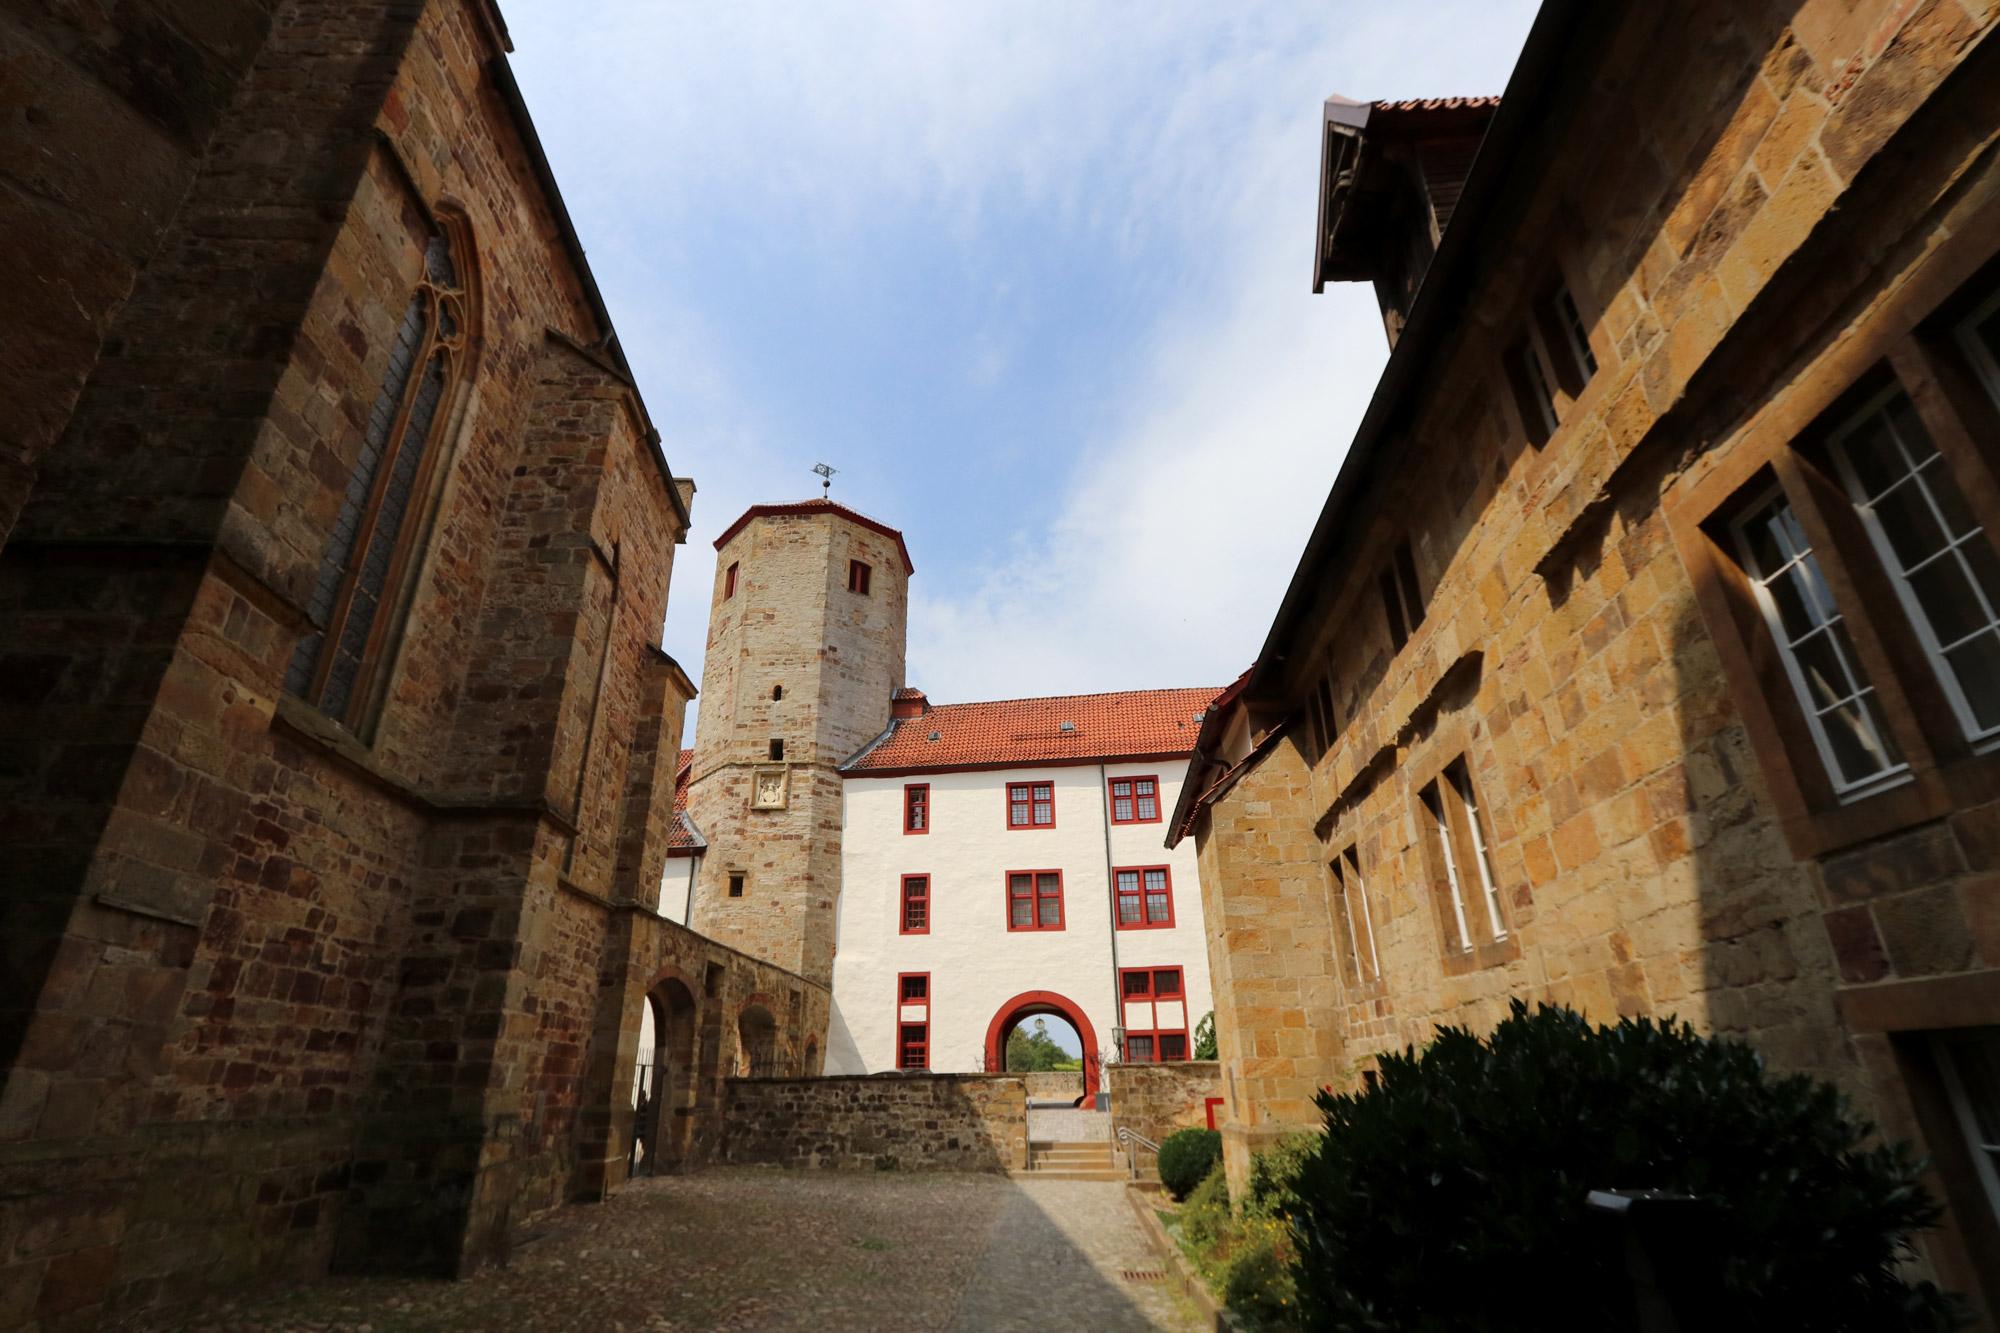 Stedentrip Osnabrück - Schloss Iburg